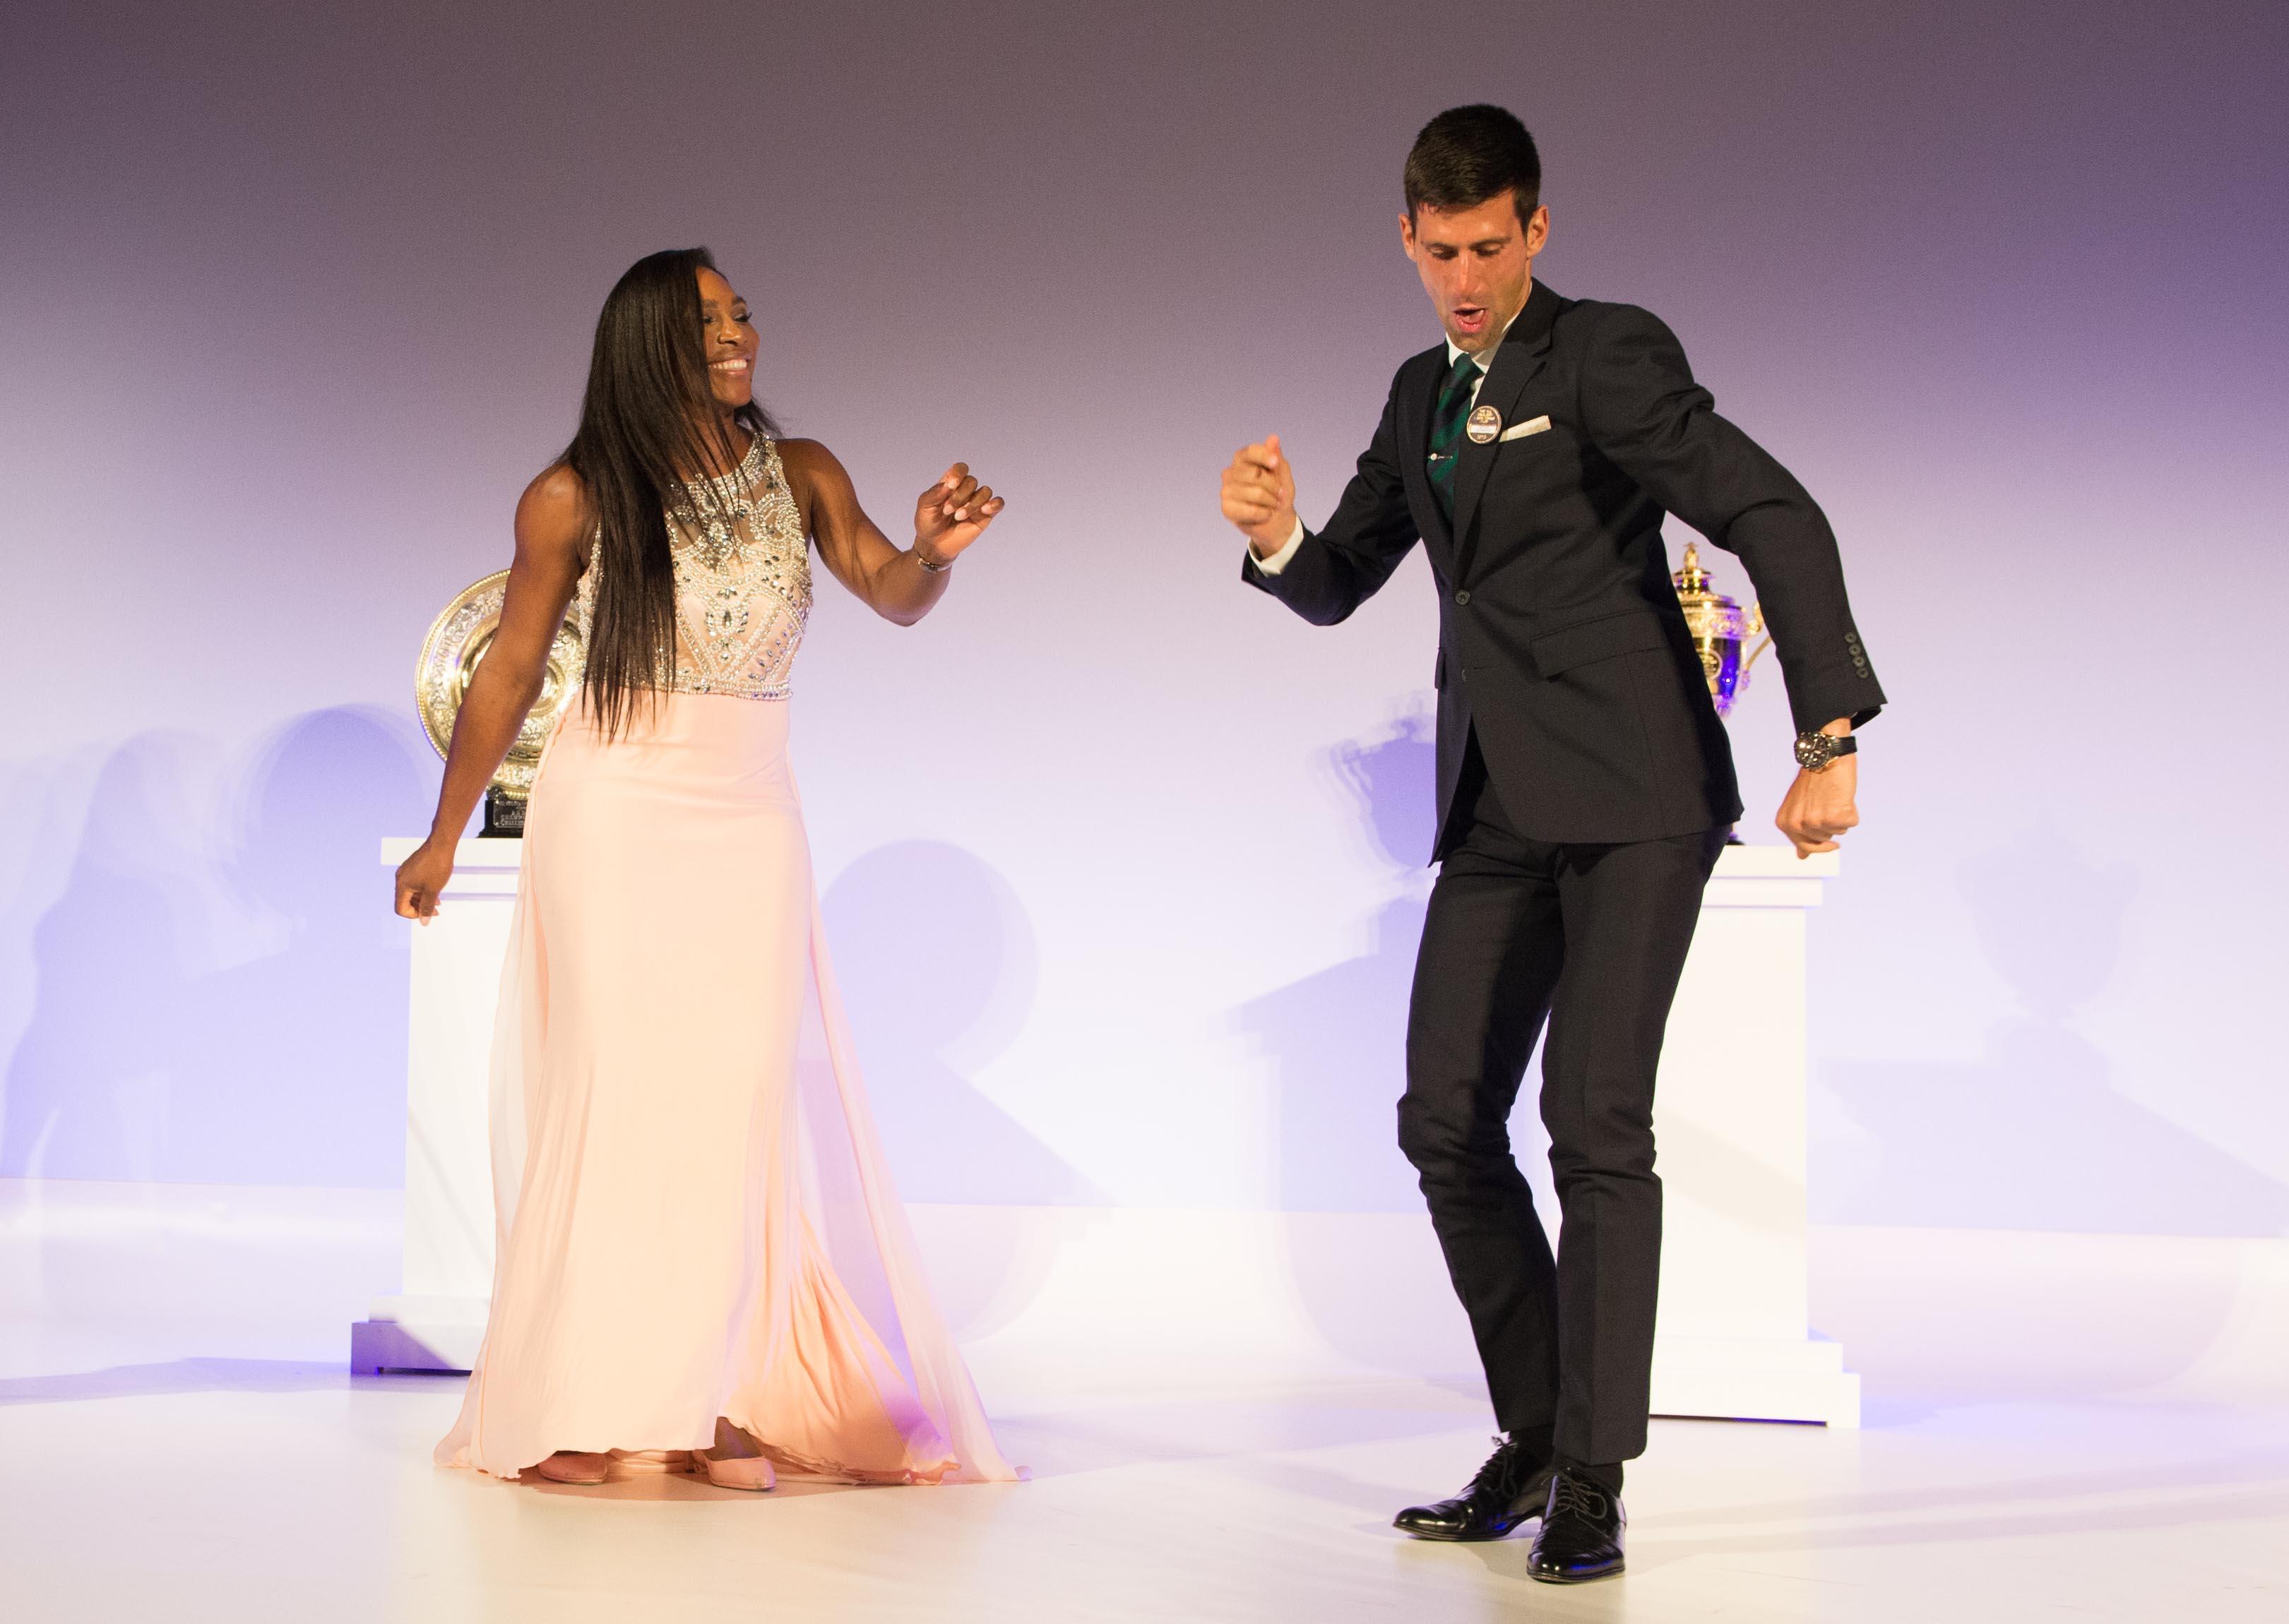 Serena and Novak dancing